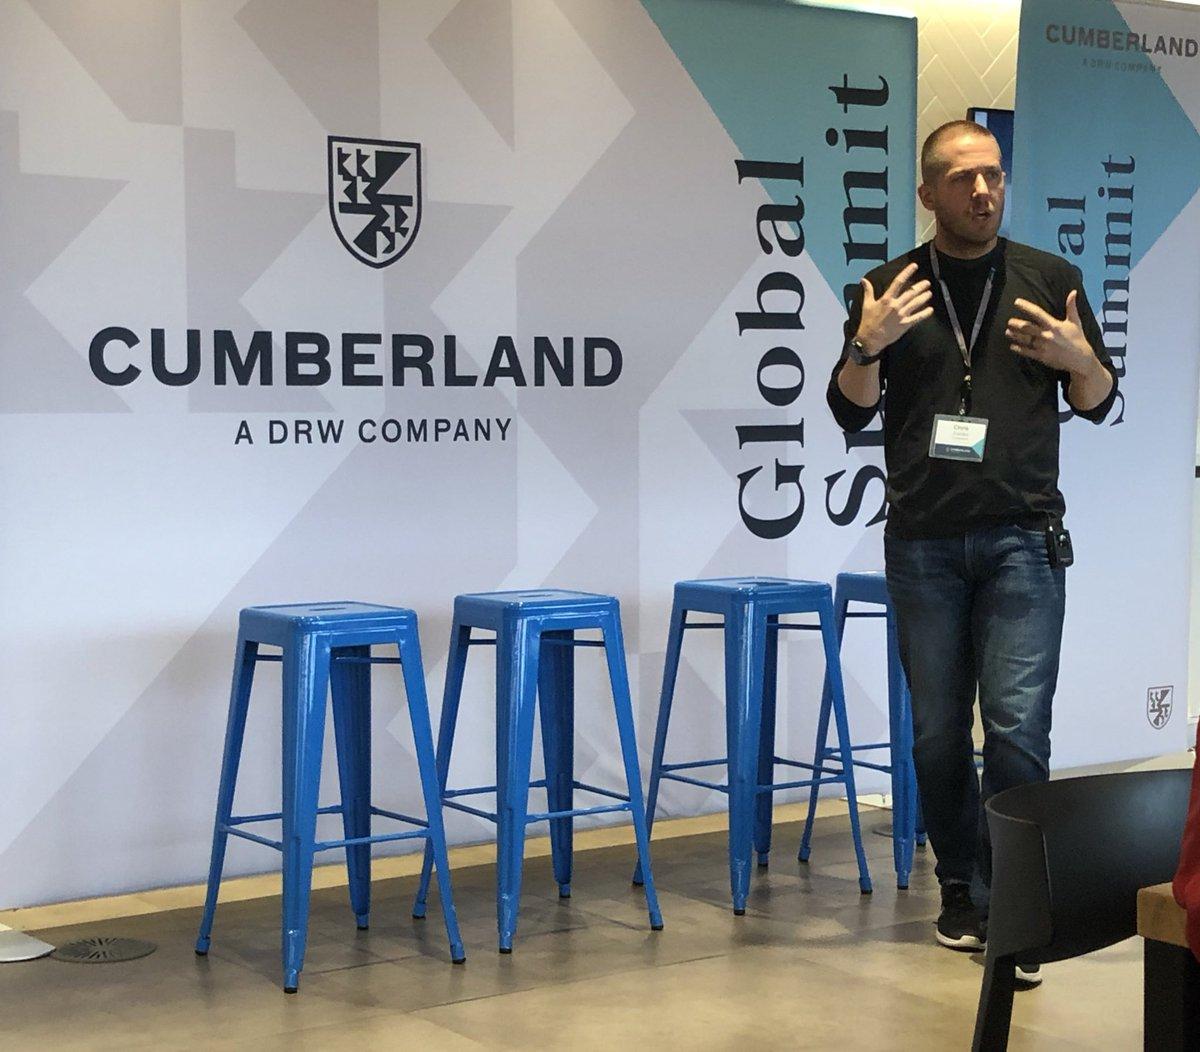 cumberland drw kripto trgovanje binarne opcije kopija pregled trgovanja